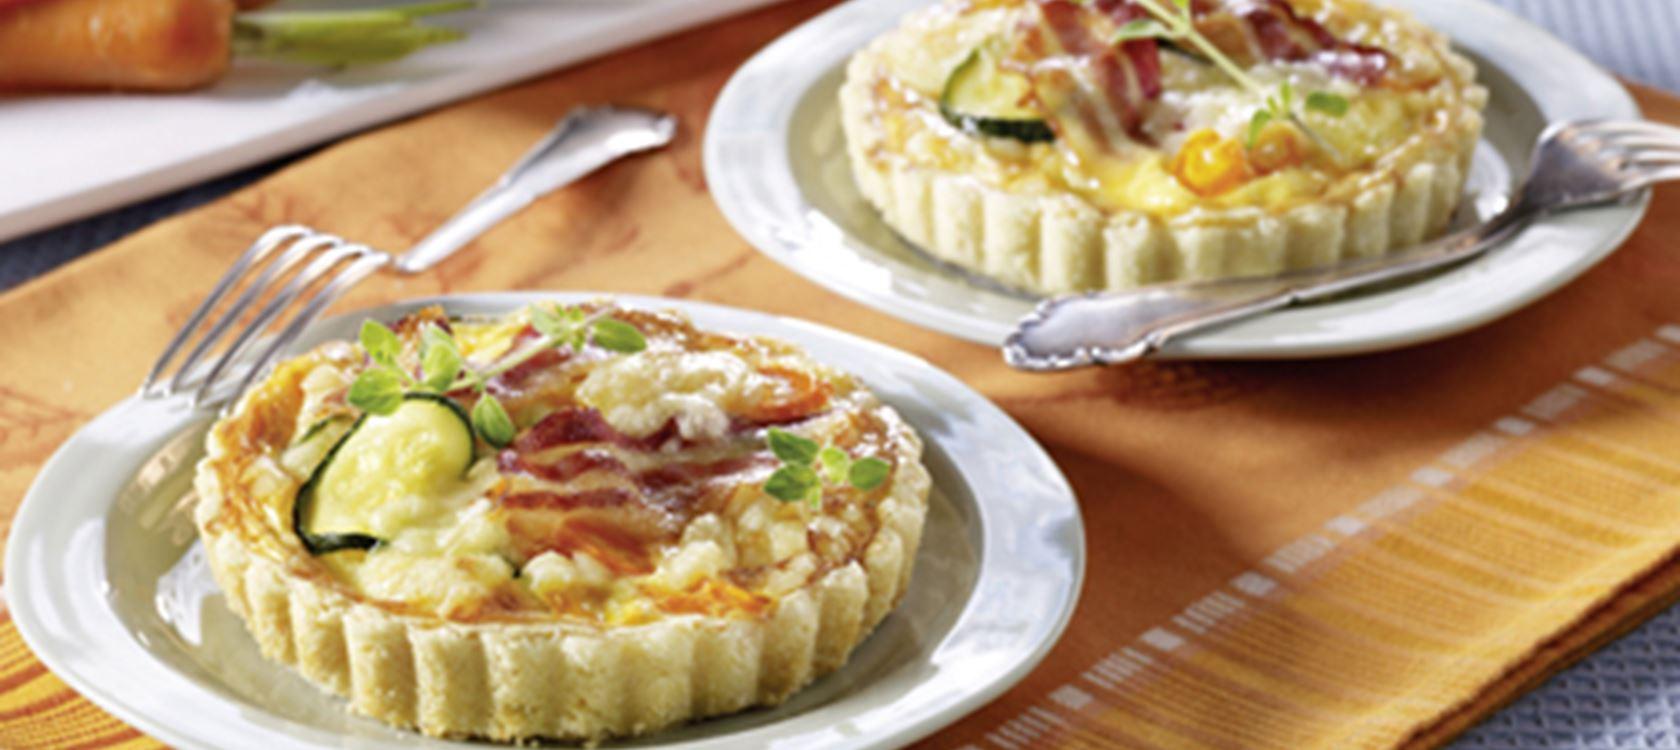 Käse-Pastetchen mit Zucchini und Möhren